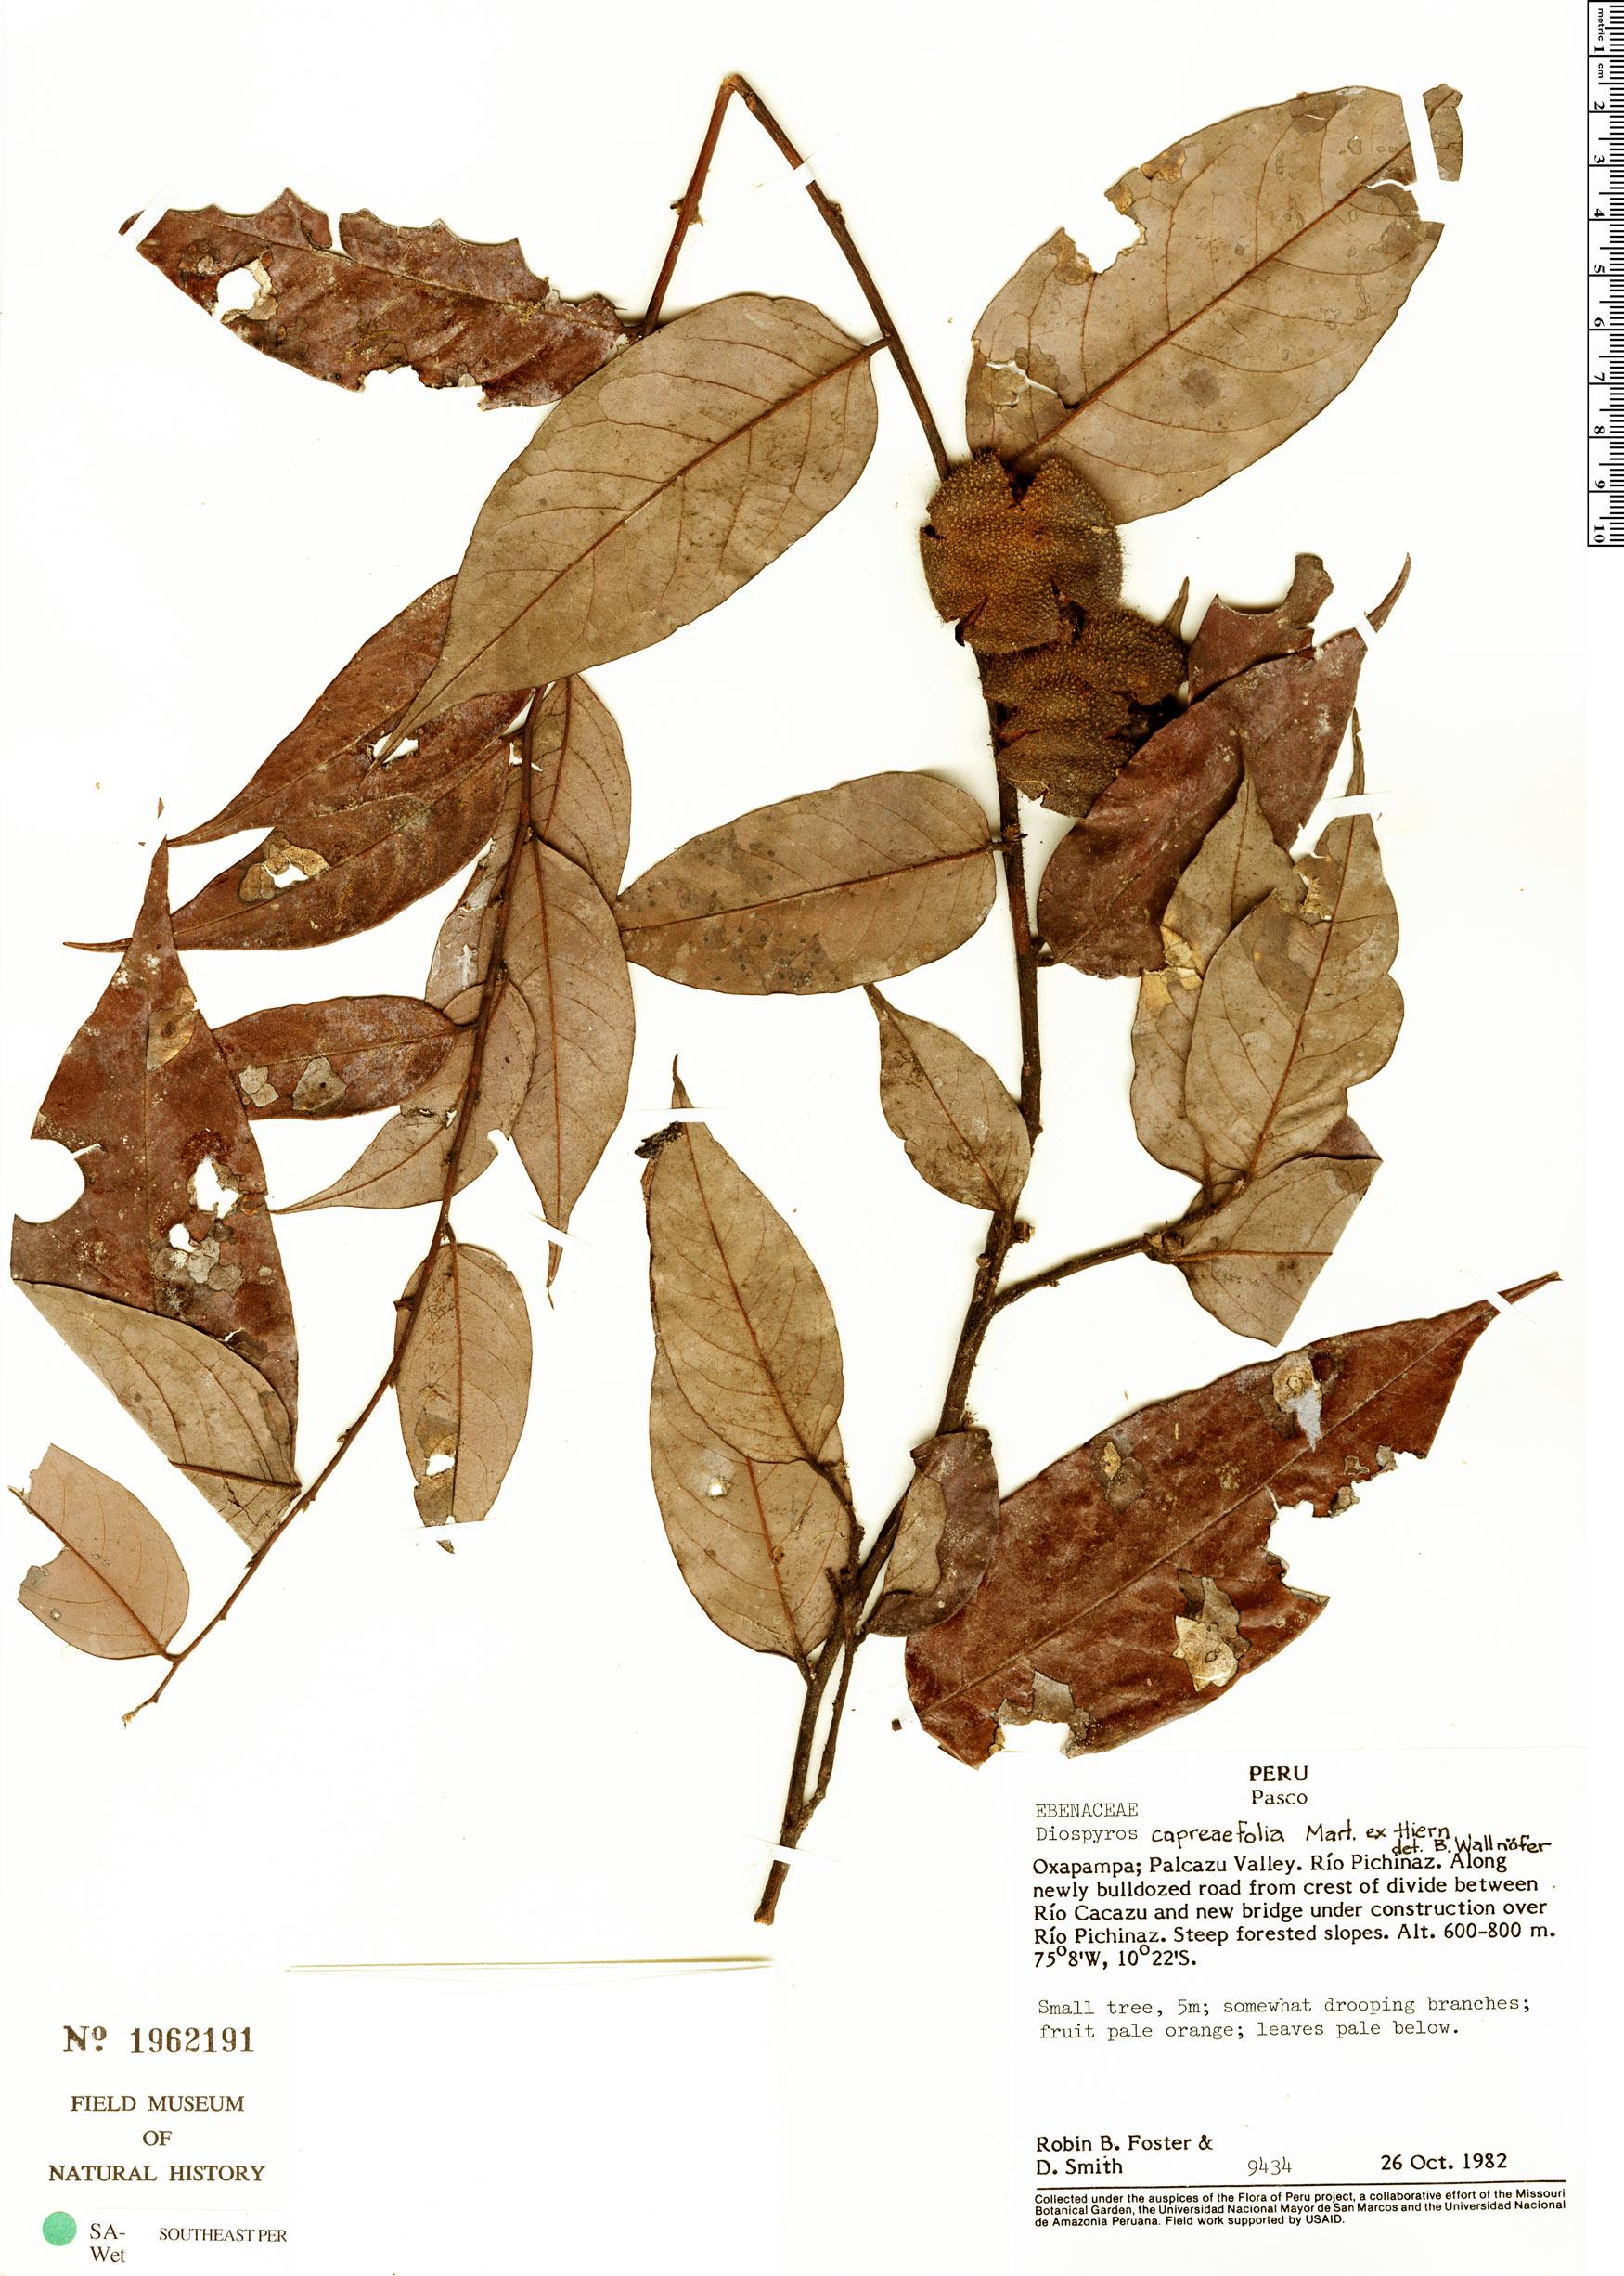 Specimen: Diospyros capreifolia